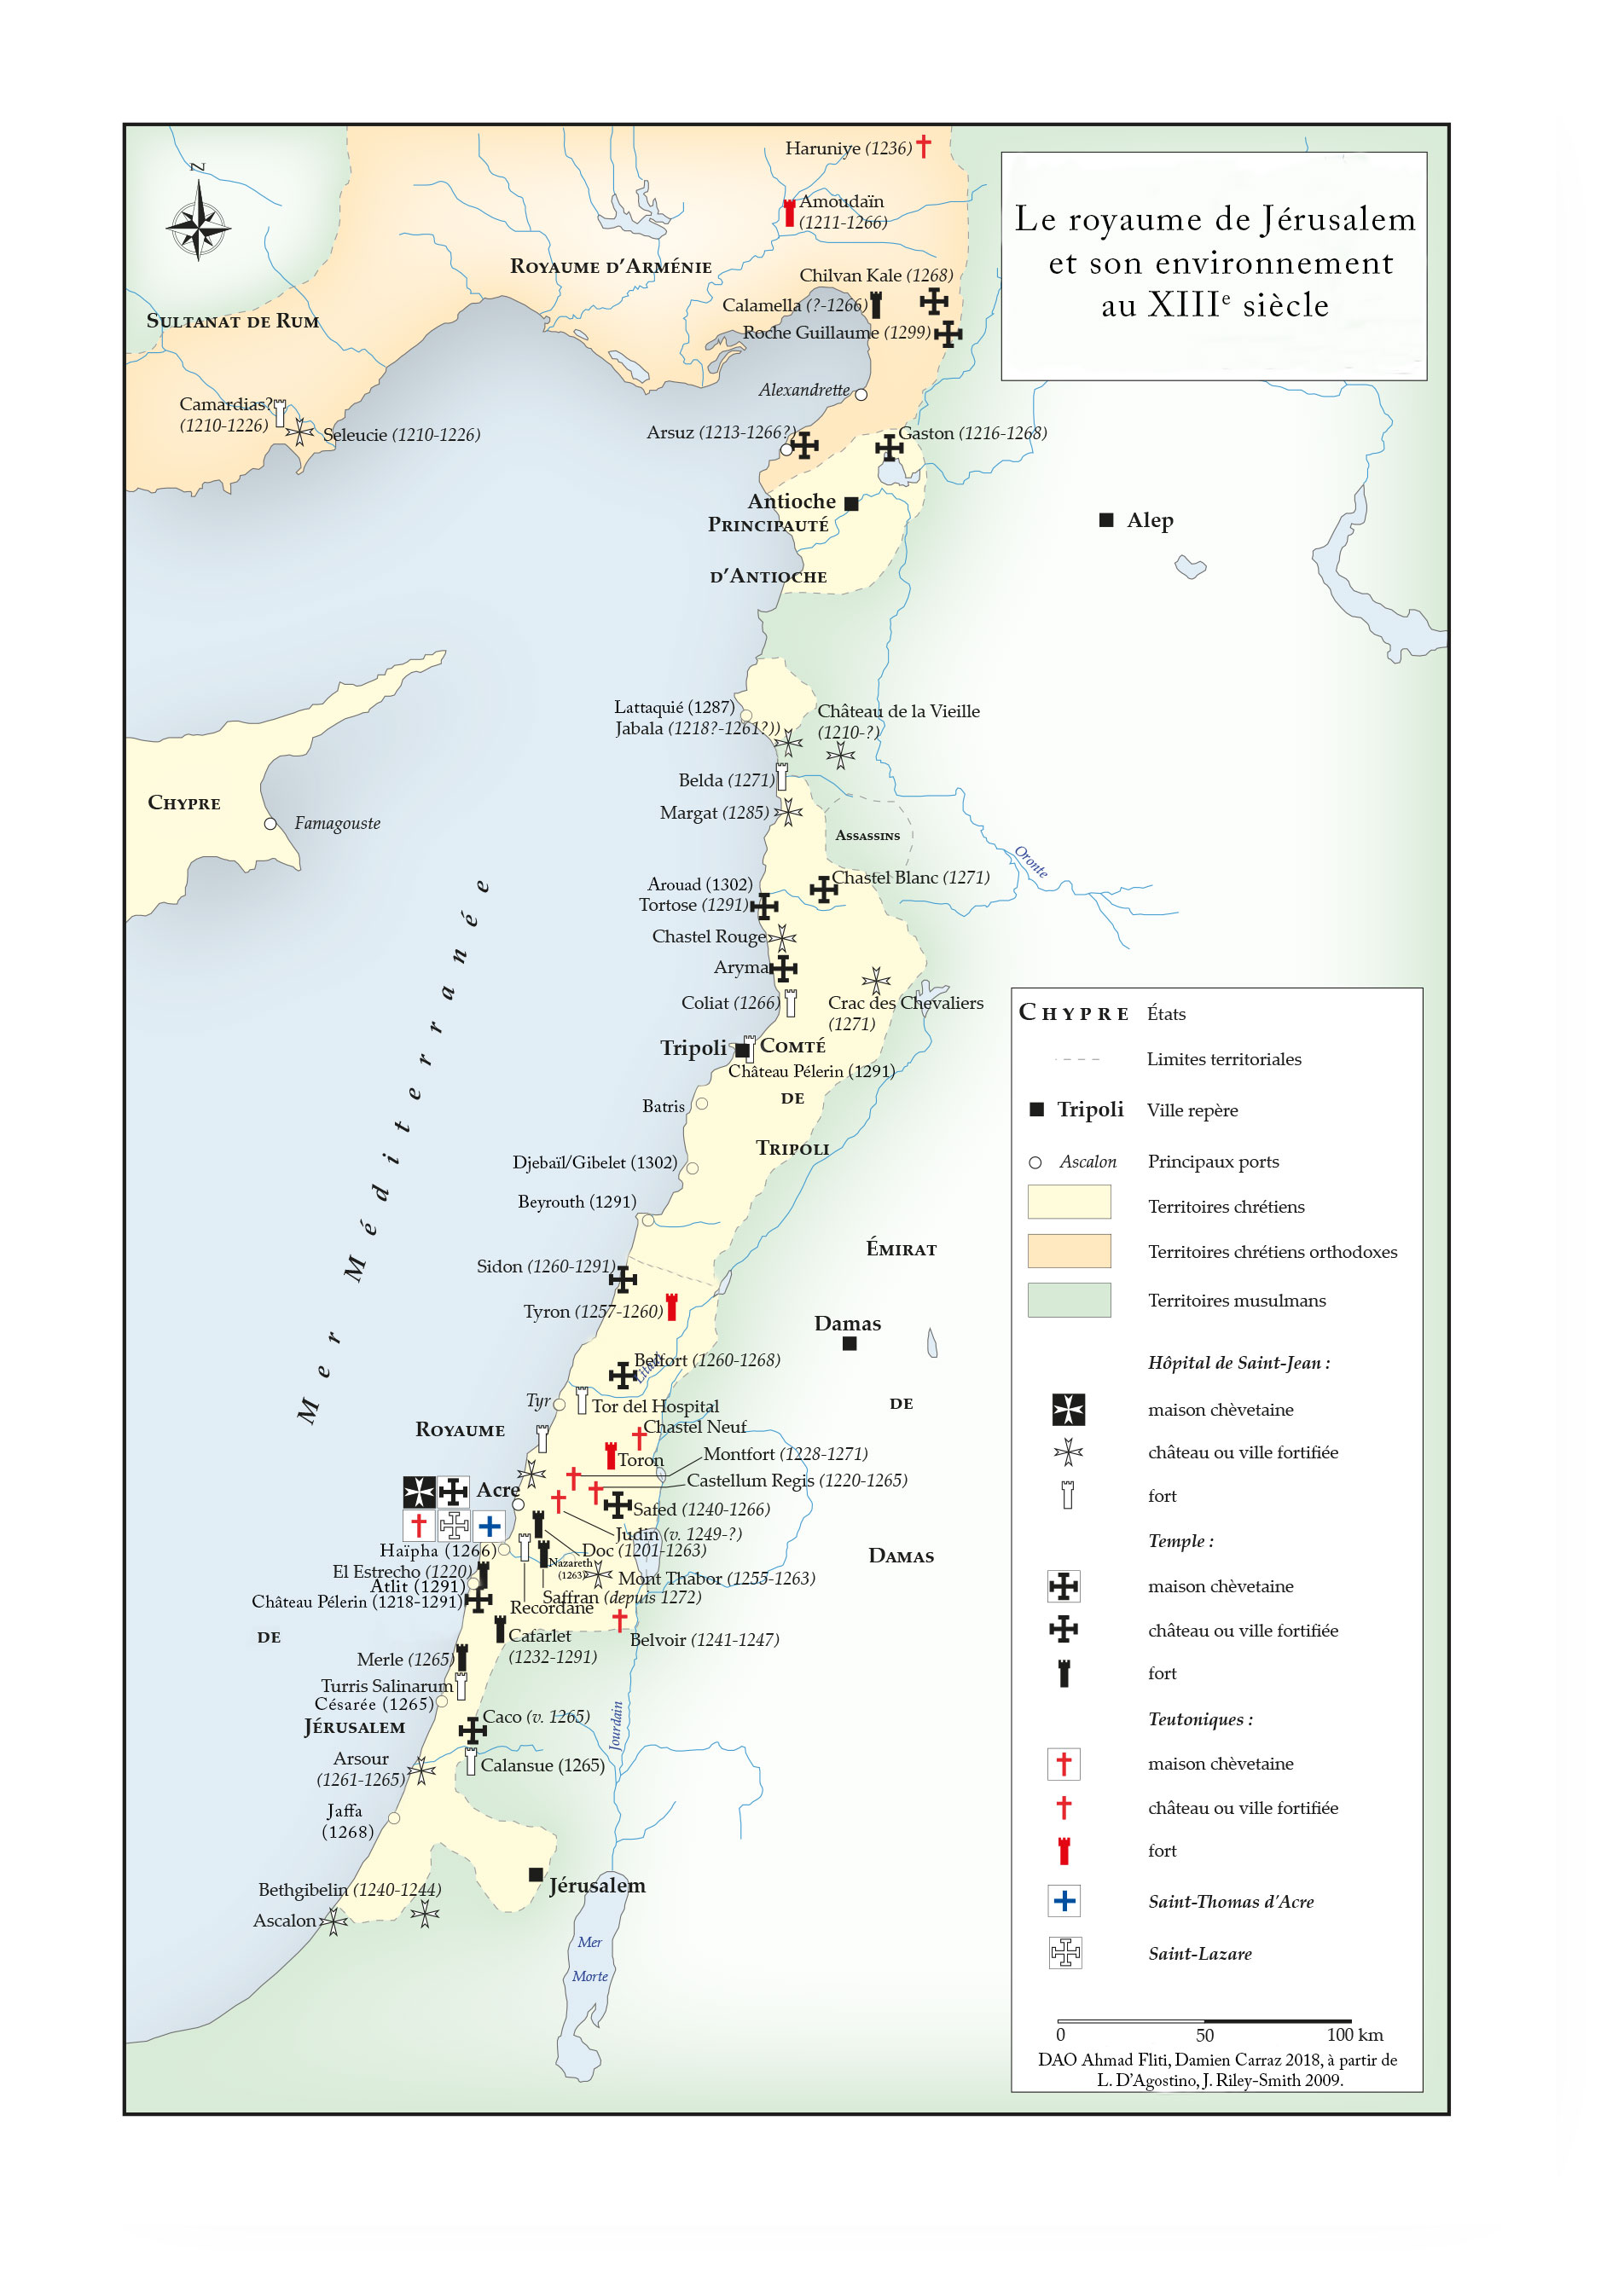 Le royaume de Jérusalem et son environnement au XIIIe siècle